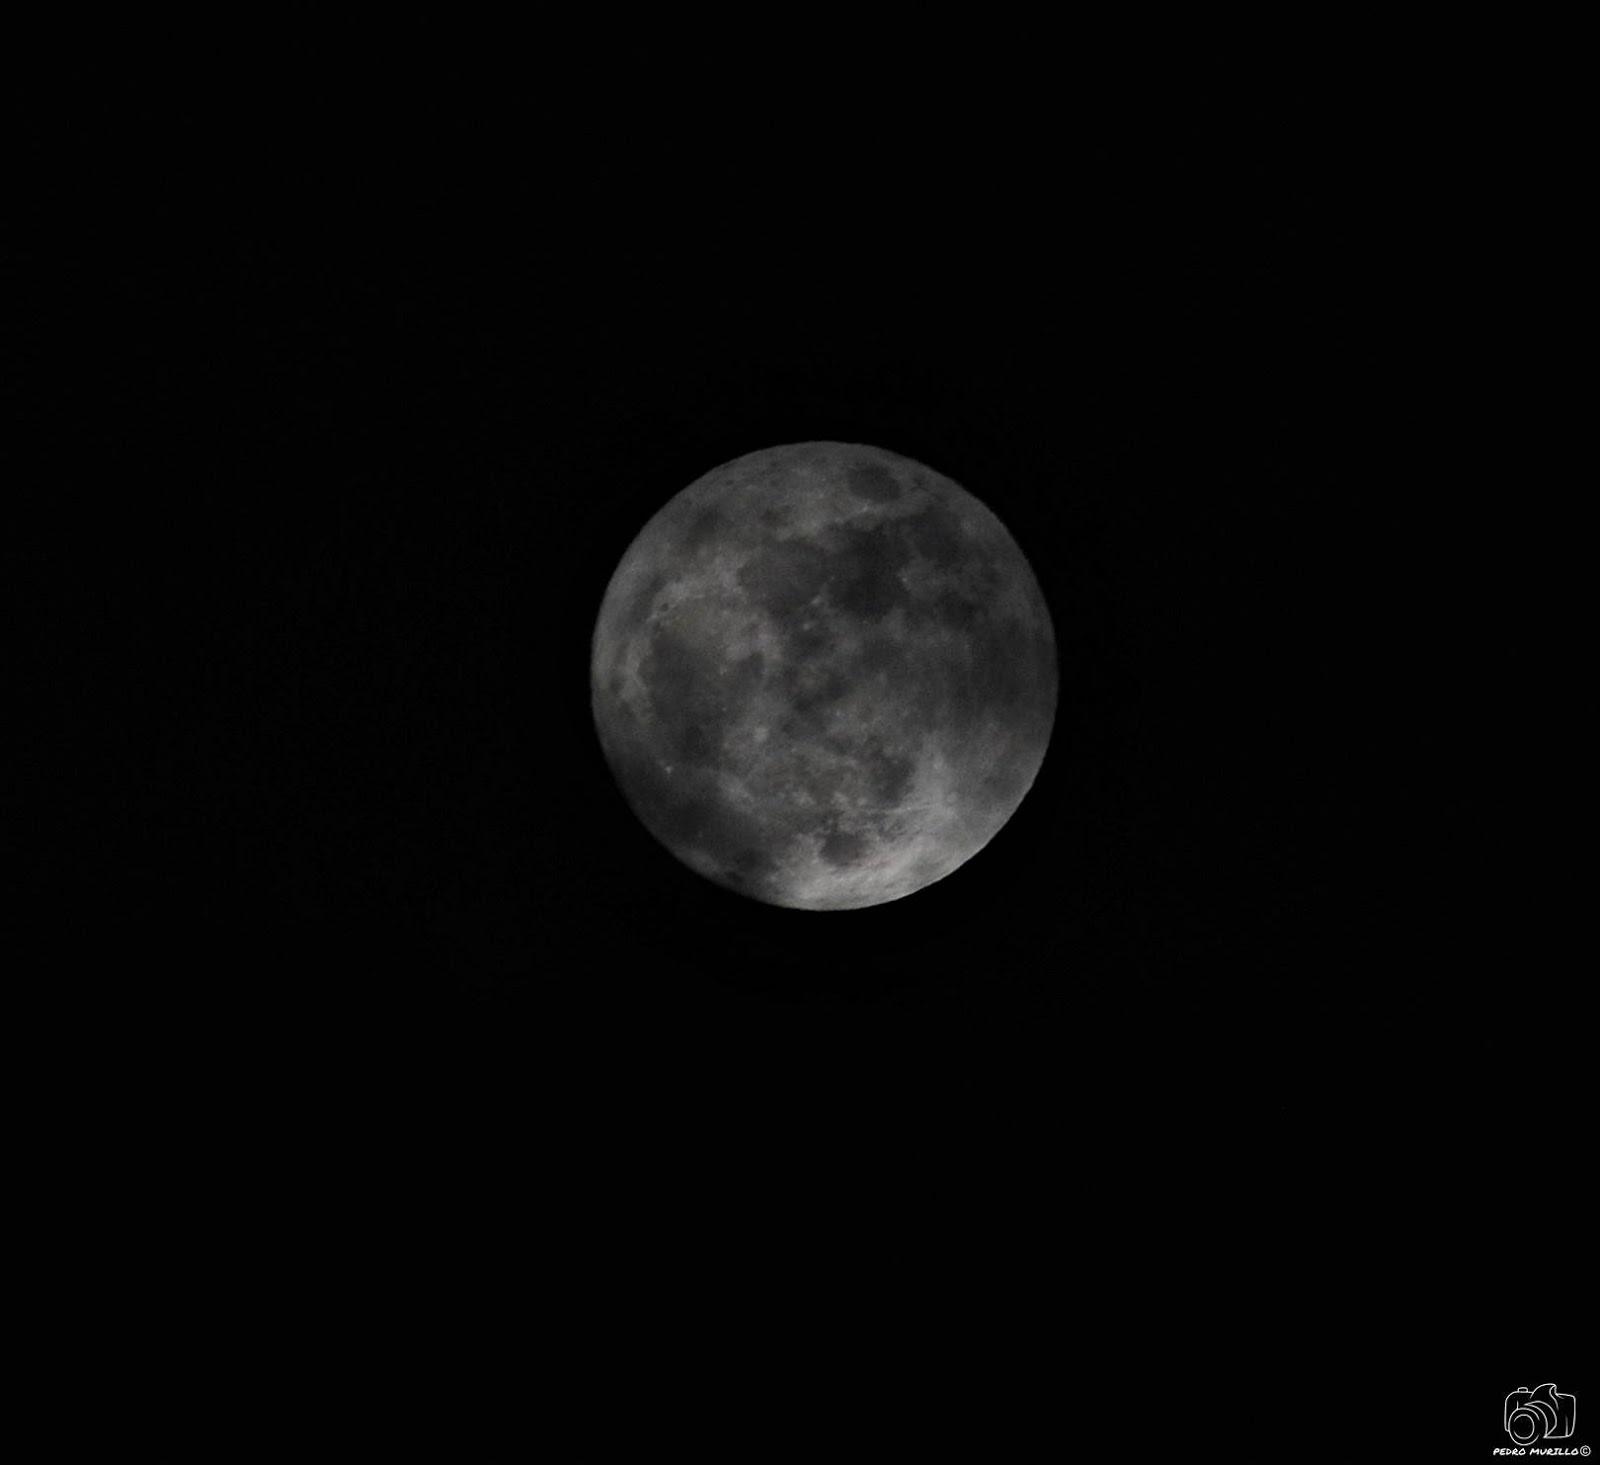 Las excursiones de murillo luna llena hoy desde martorell for Hoy hay cambio de luna